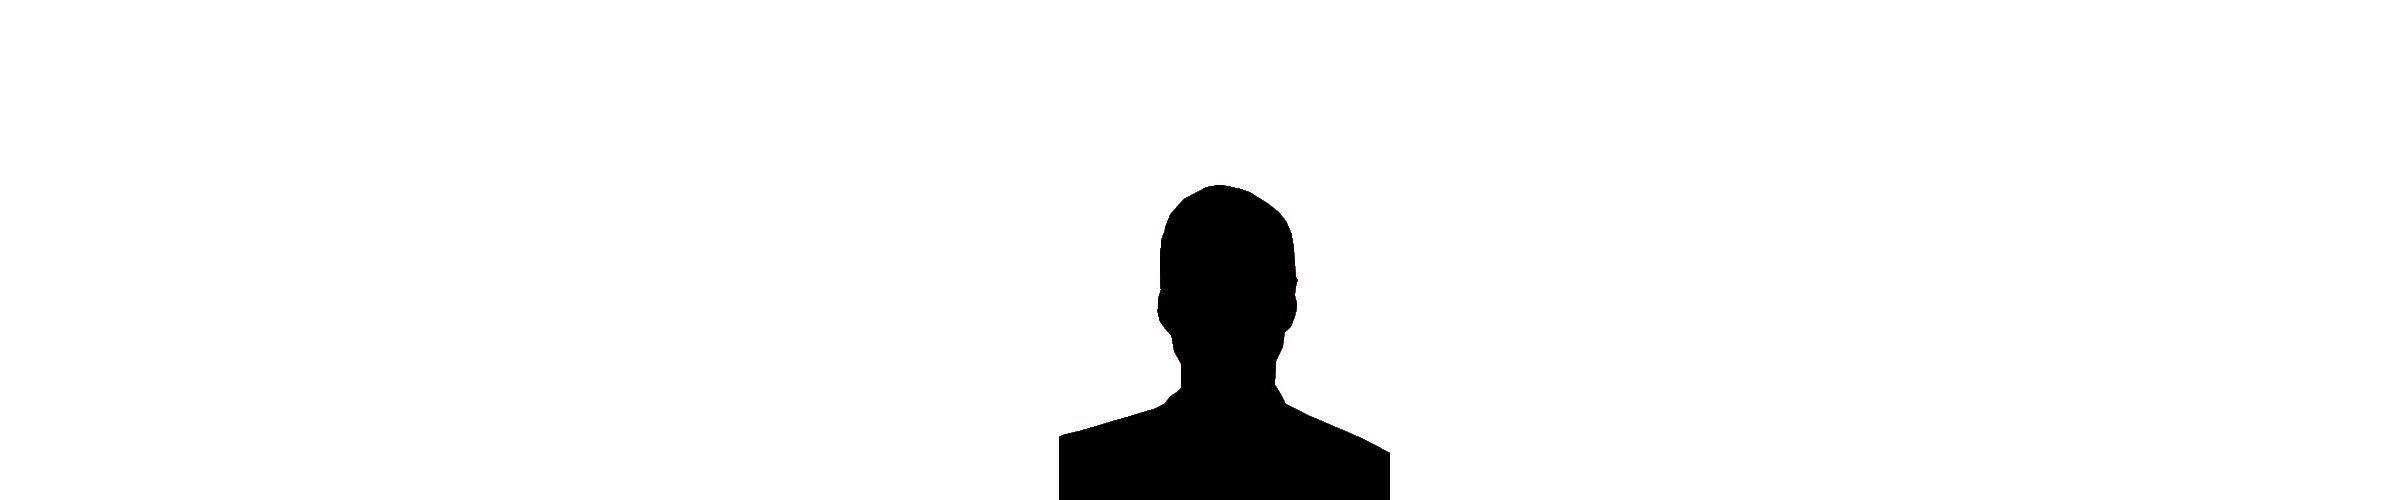 Member 1